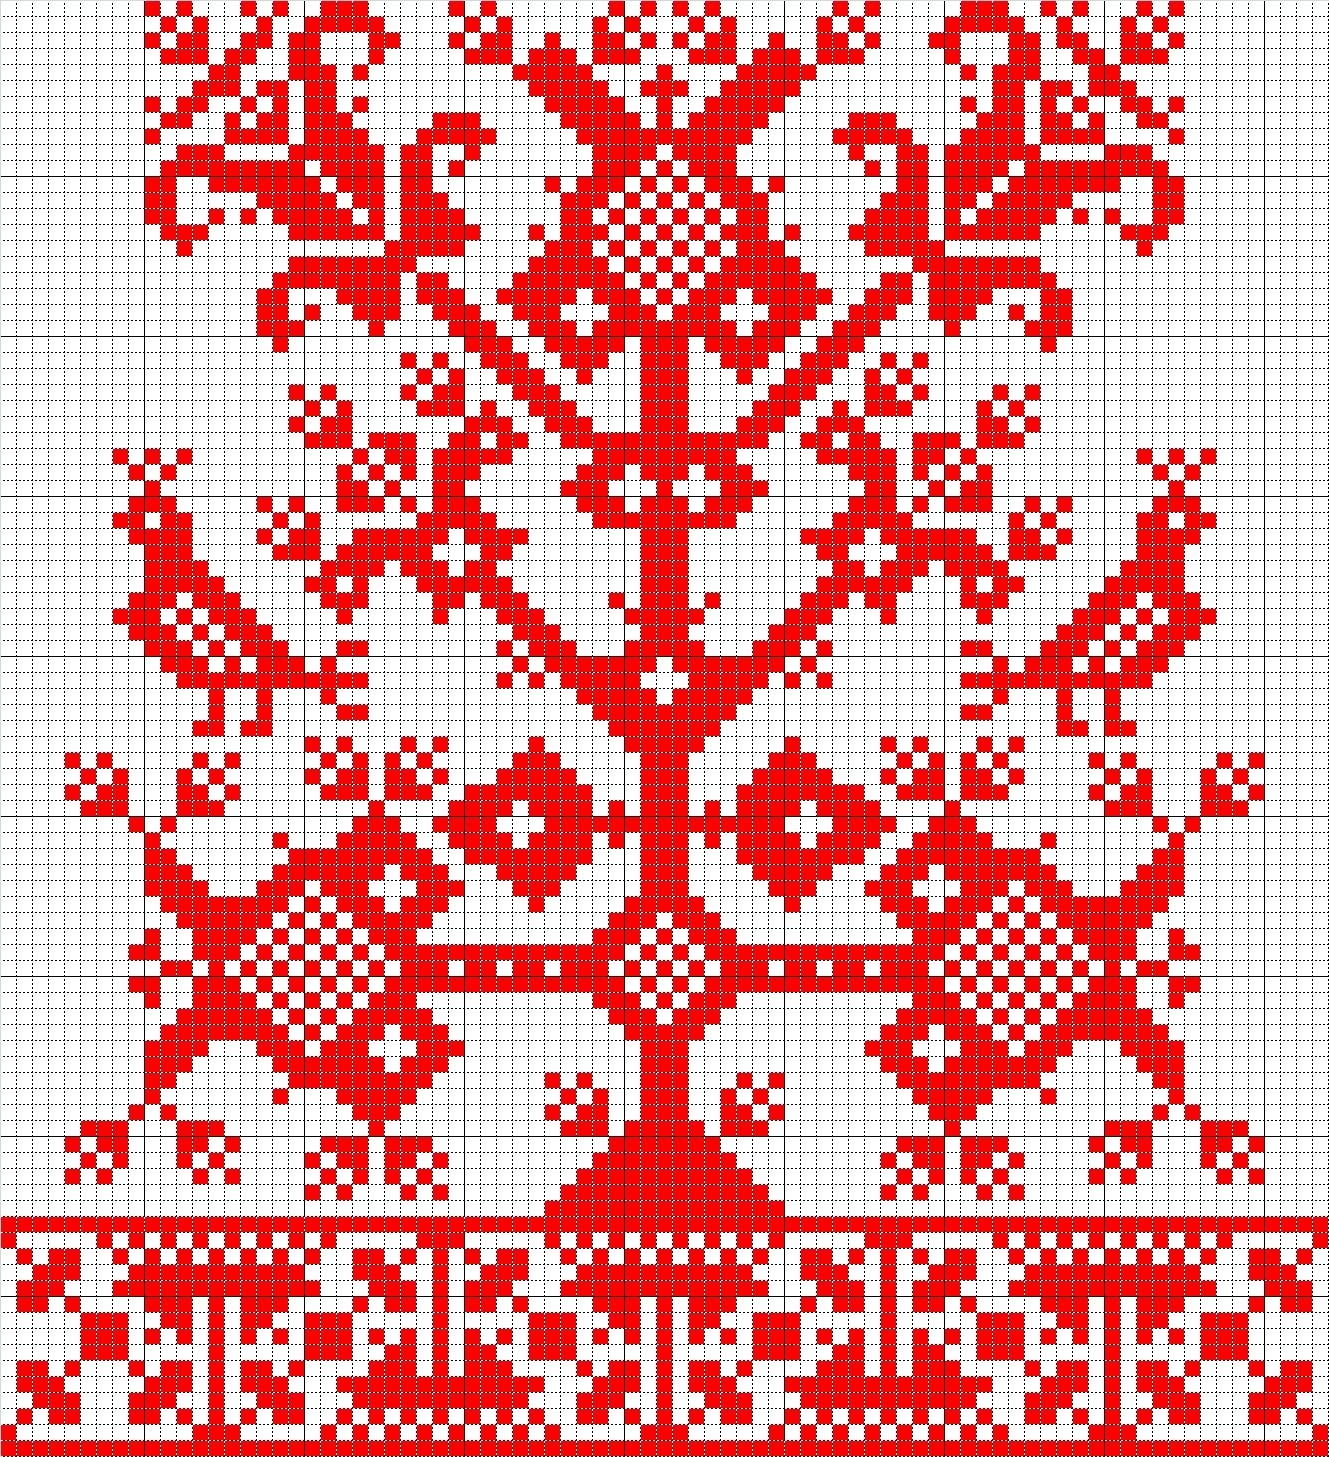 Вышивка дерево жизни схема 2